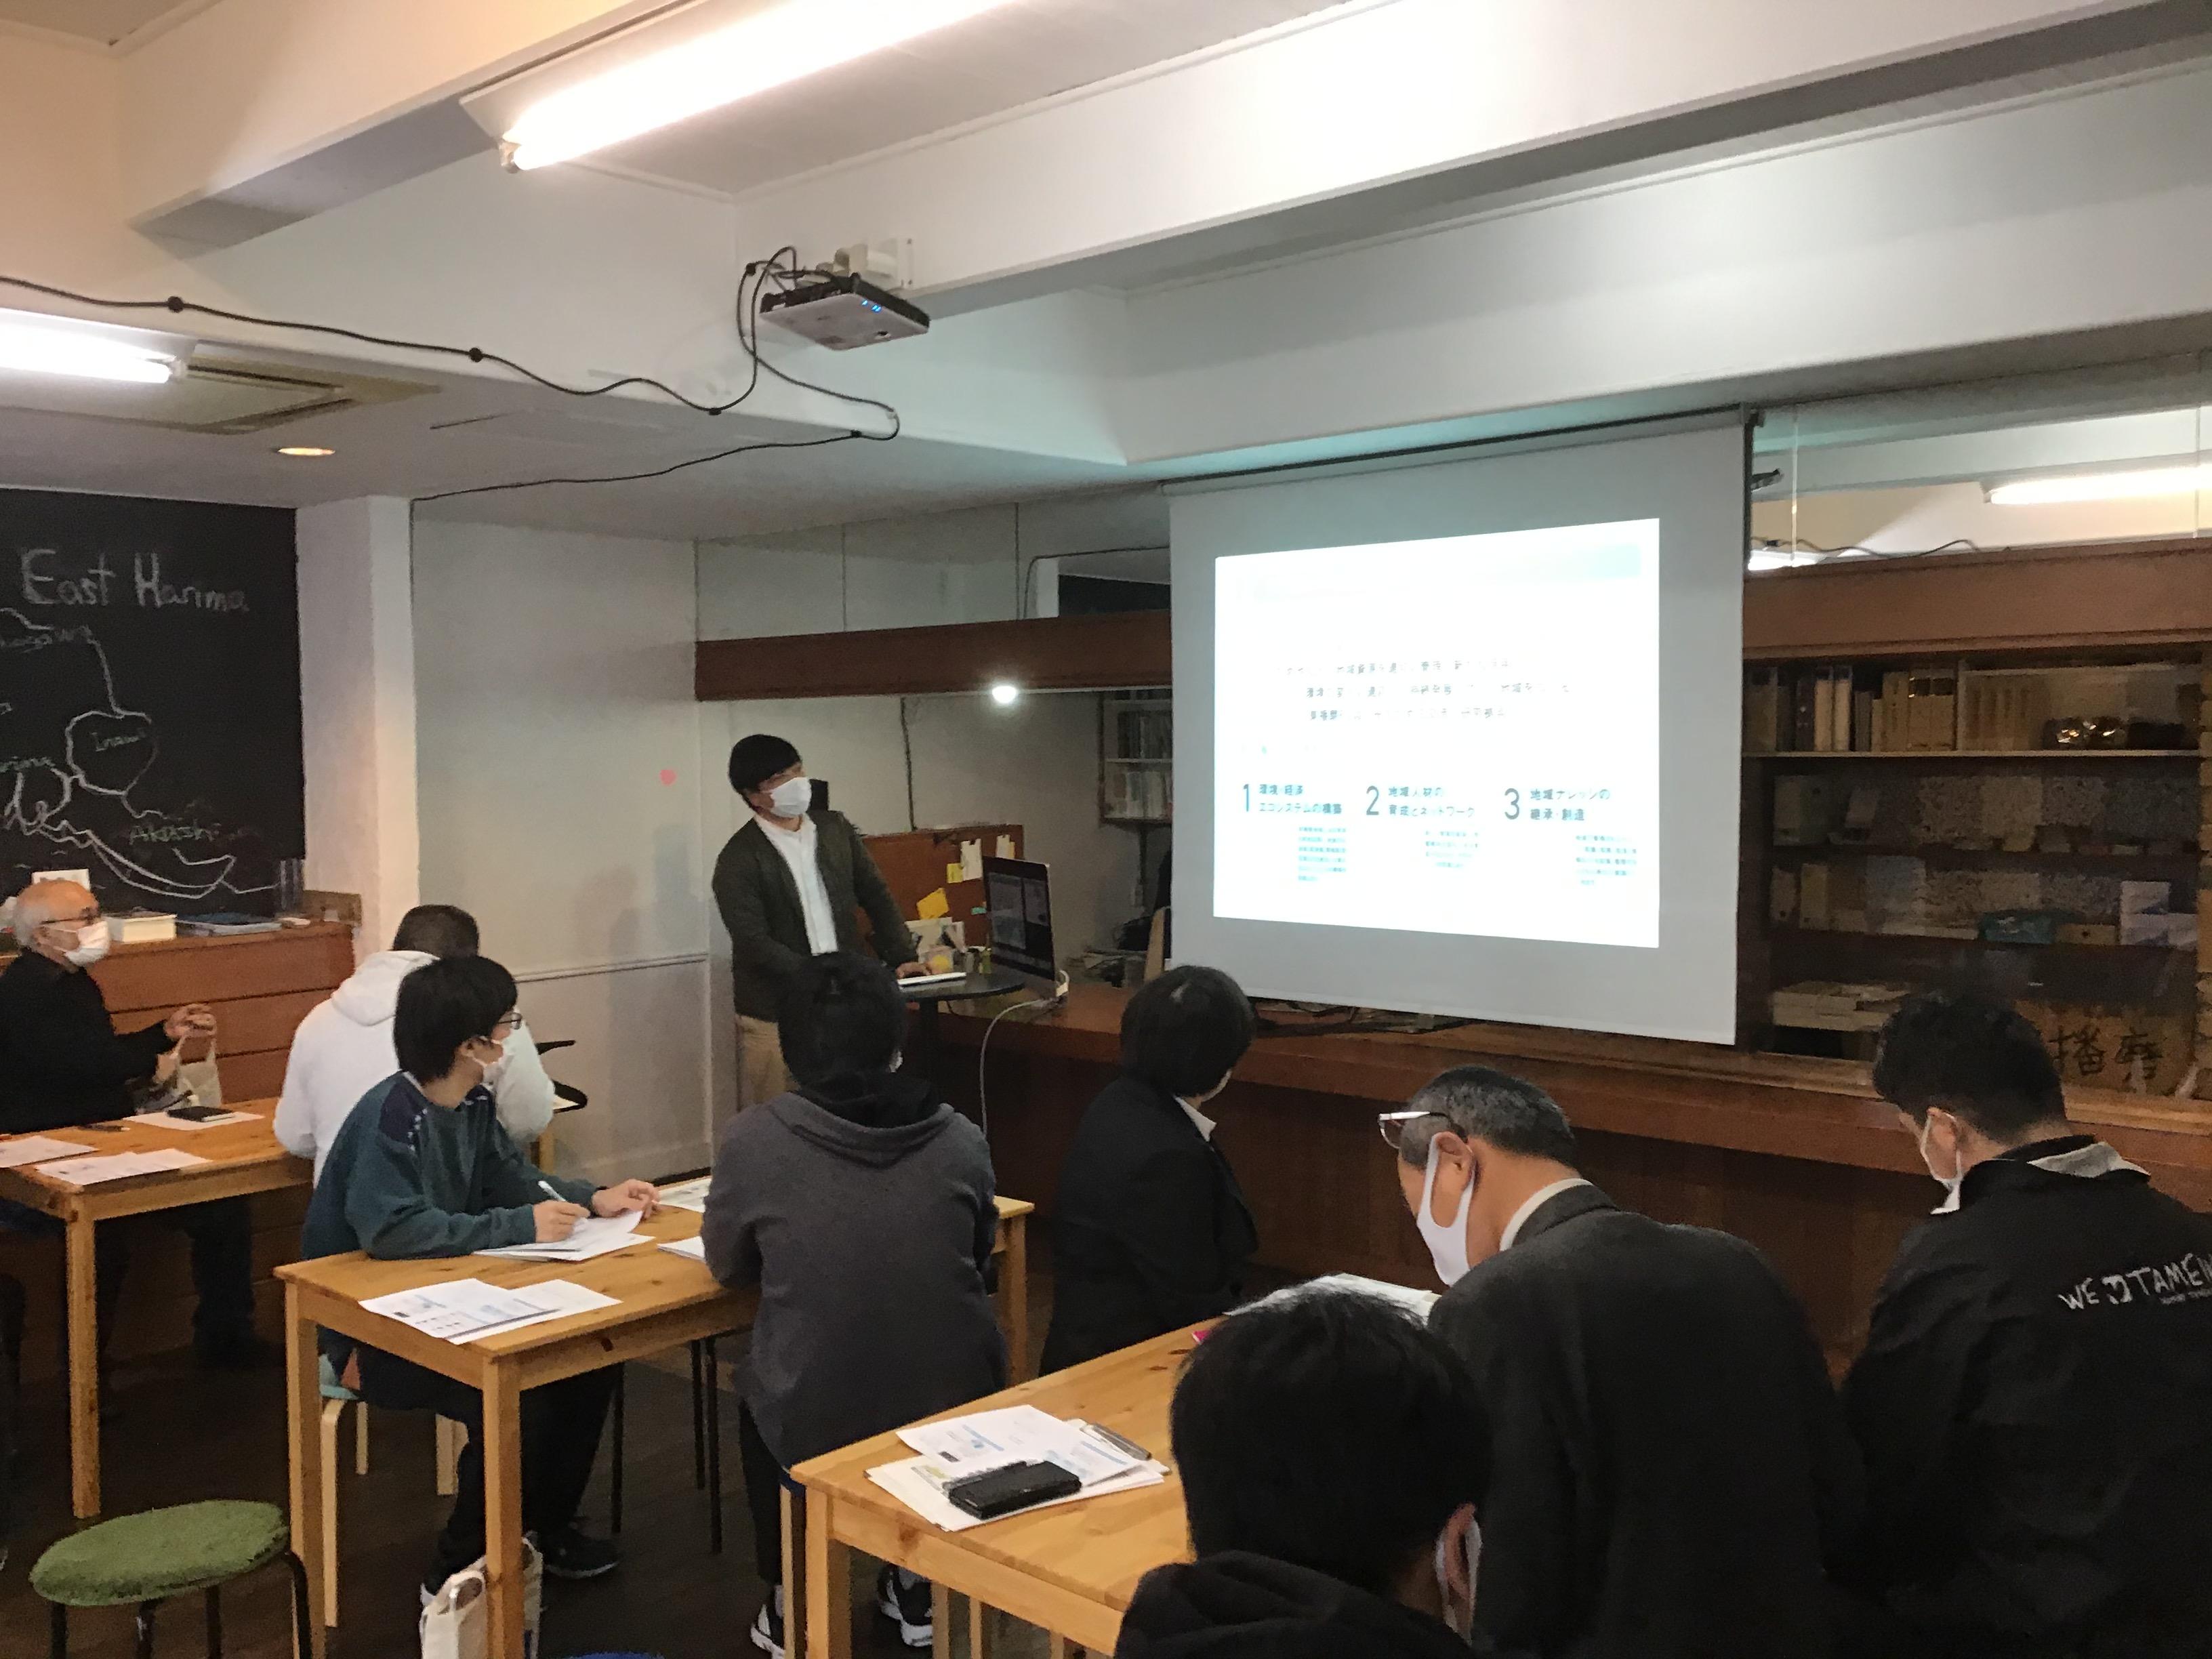 柴崎先生の畦師グループを作るにあたっての講演。どんなモデルでやっていく?